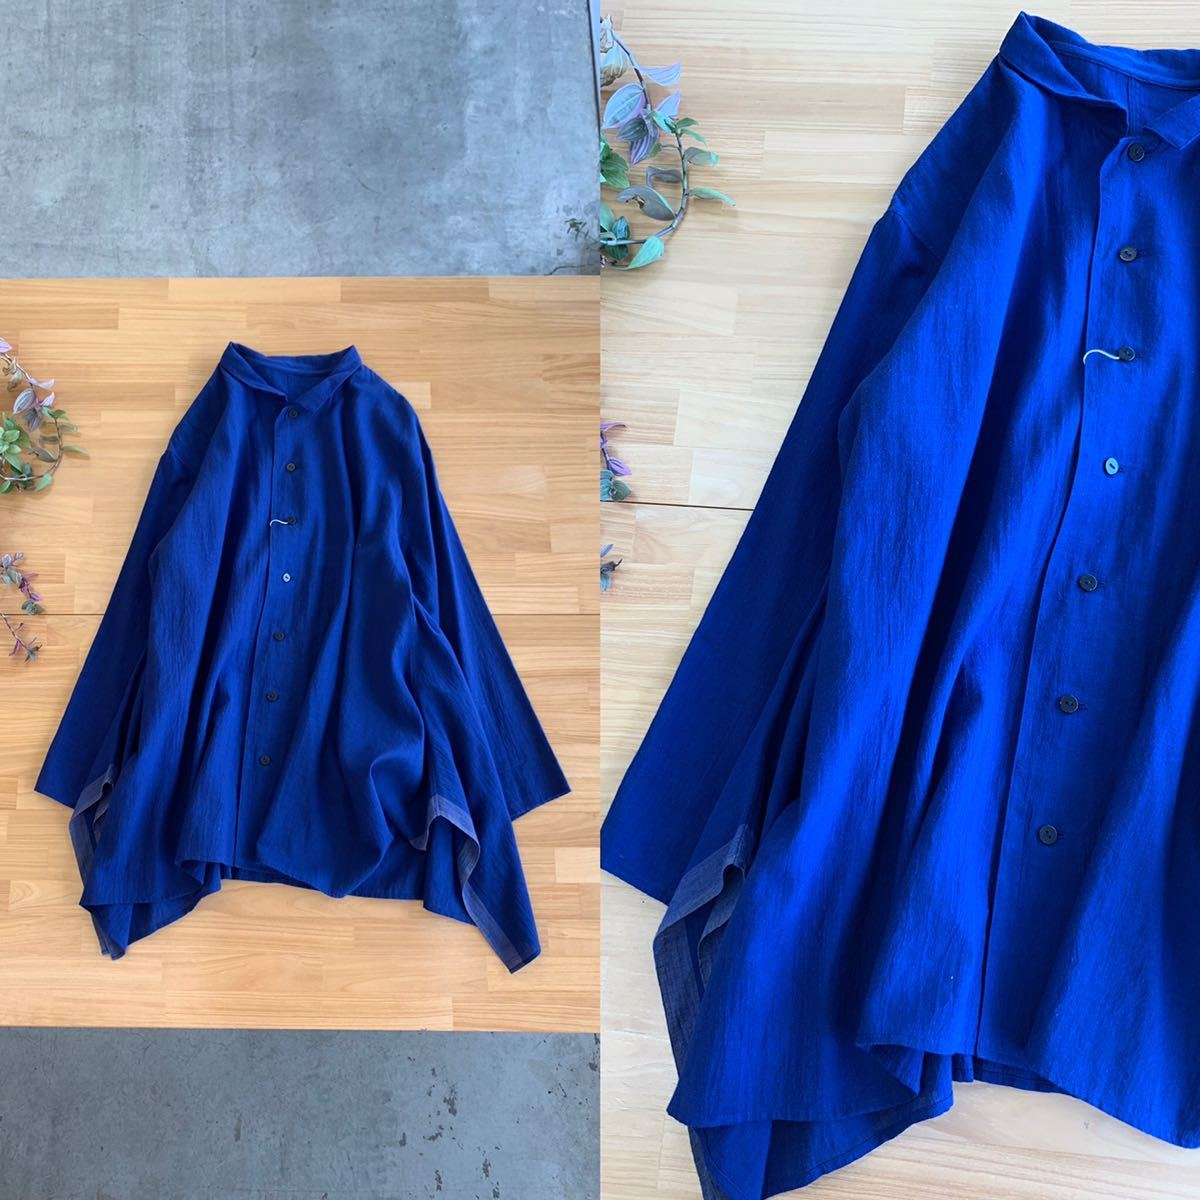 美品 Jurgen Lehl ヨーガンレール 変型フレアデザインシャツブラウス シンプルワイドAライントップスカットソー 綿100% M ブルー青色系